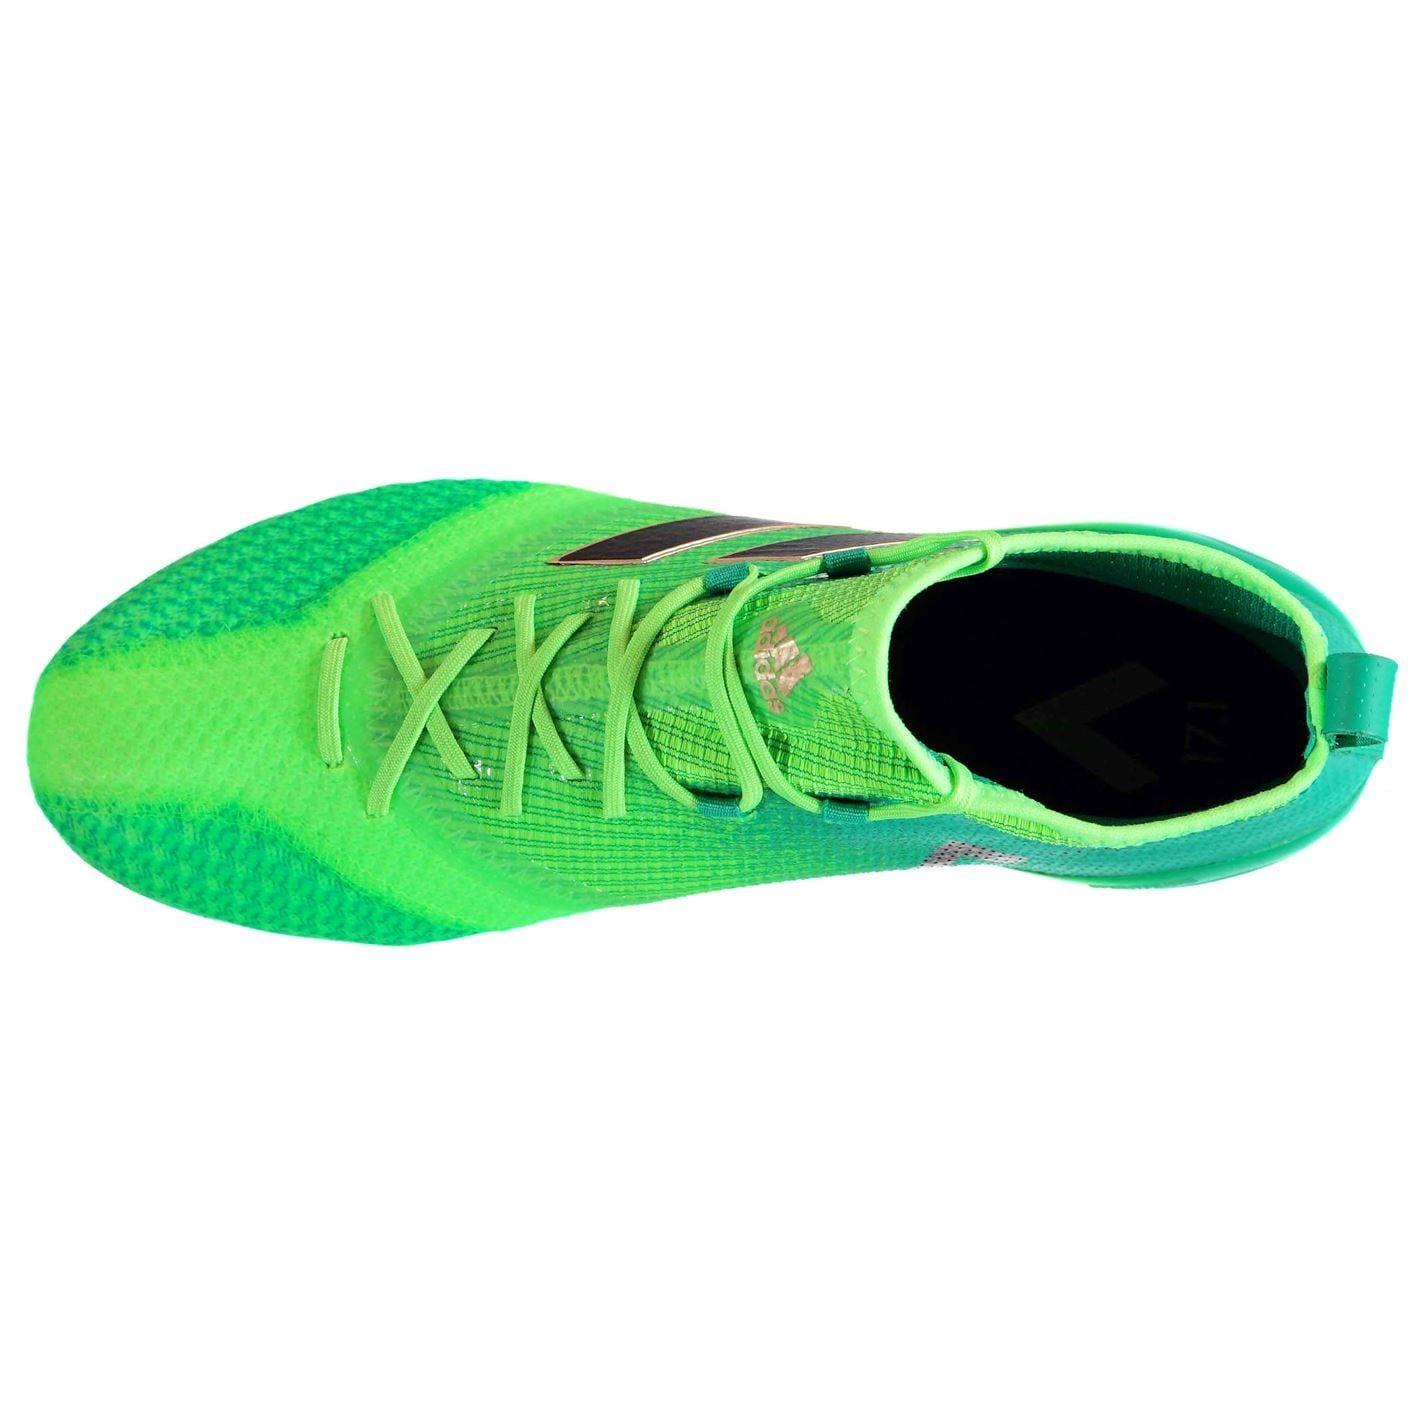 Adidas Ace 17.1 Primeknit FG Ποδοσφαιρικά Παπούτσια Mens